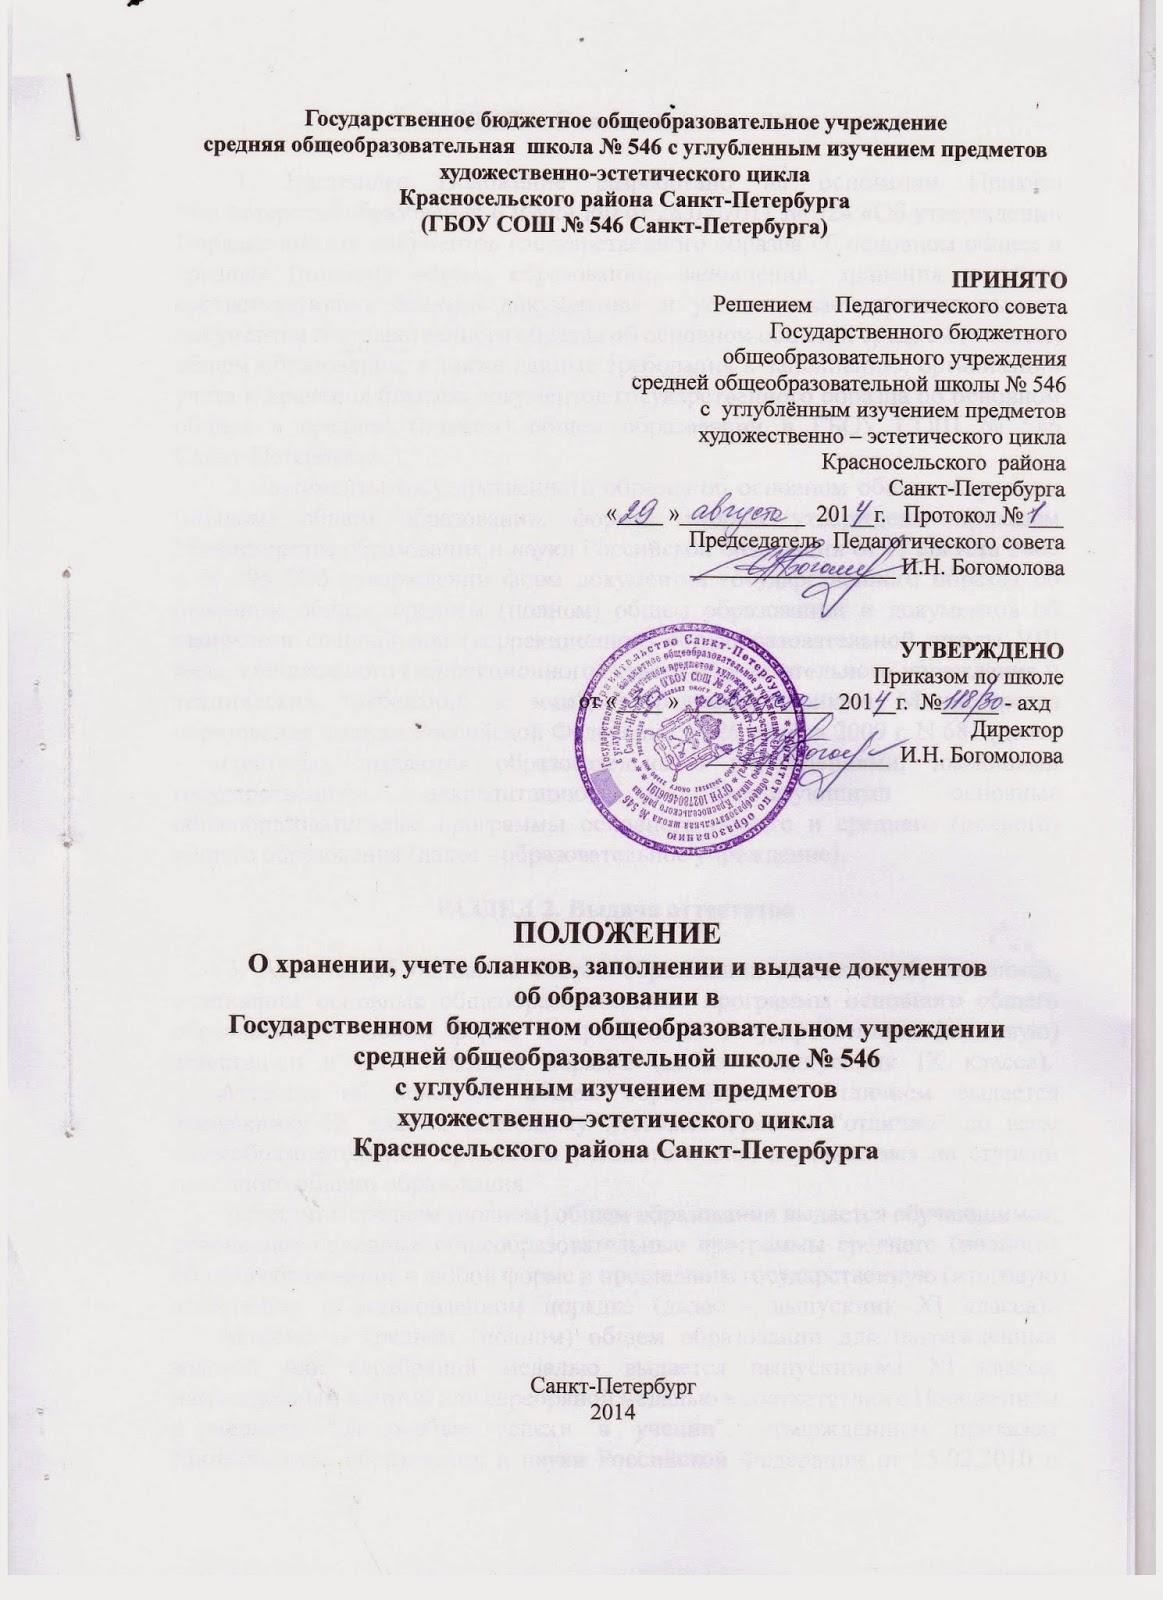 Внутренняя опись документов личного дела бланк snapshotart.ru